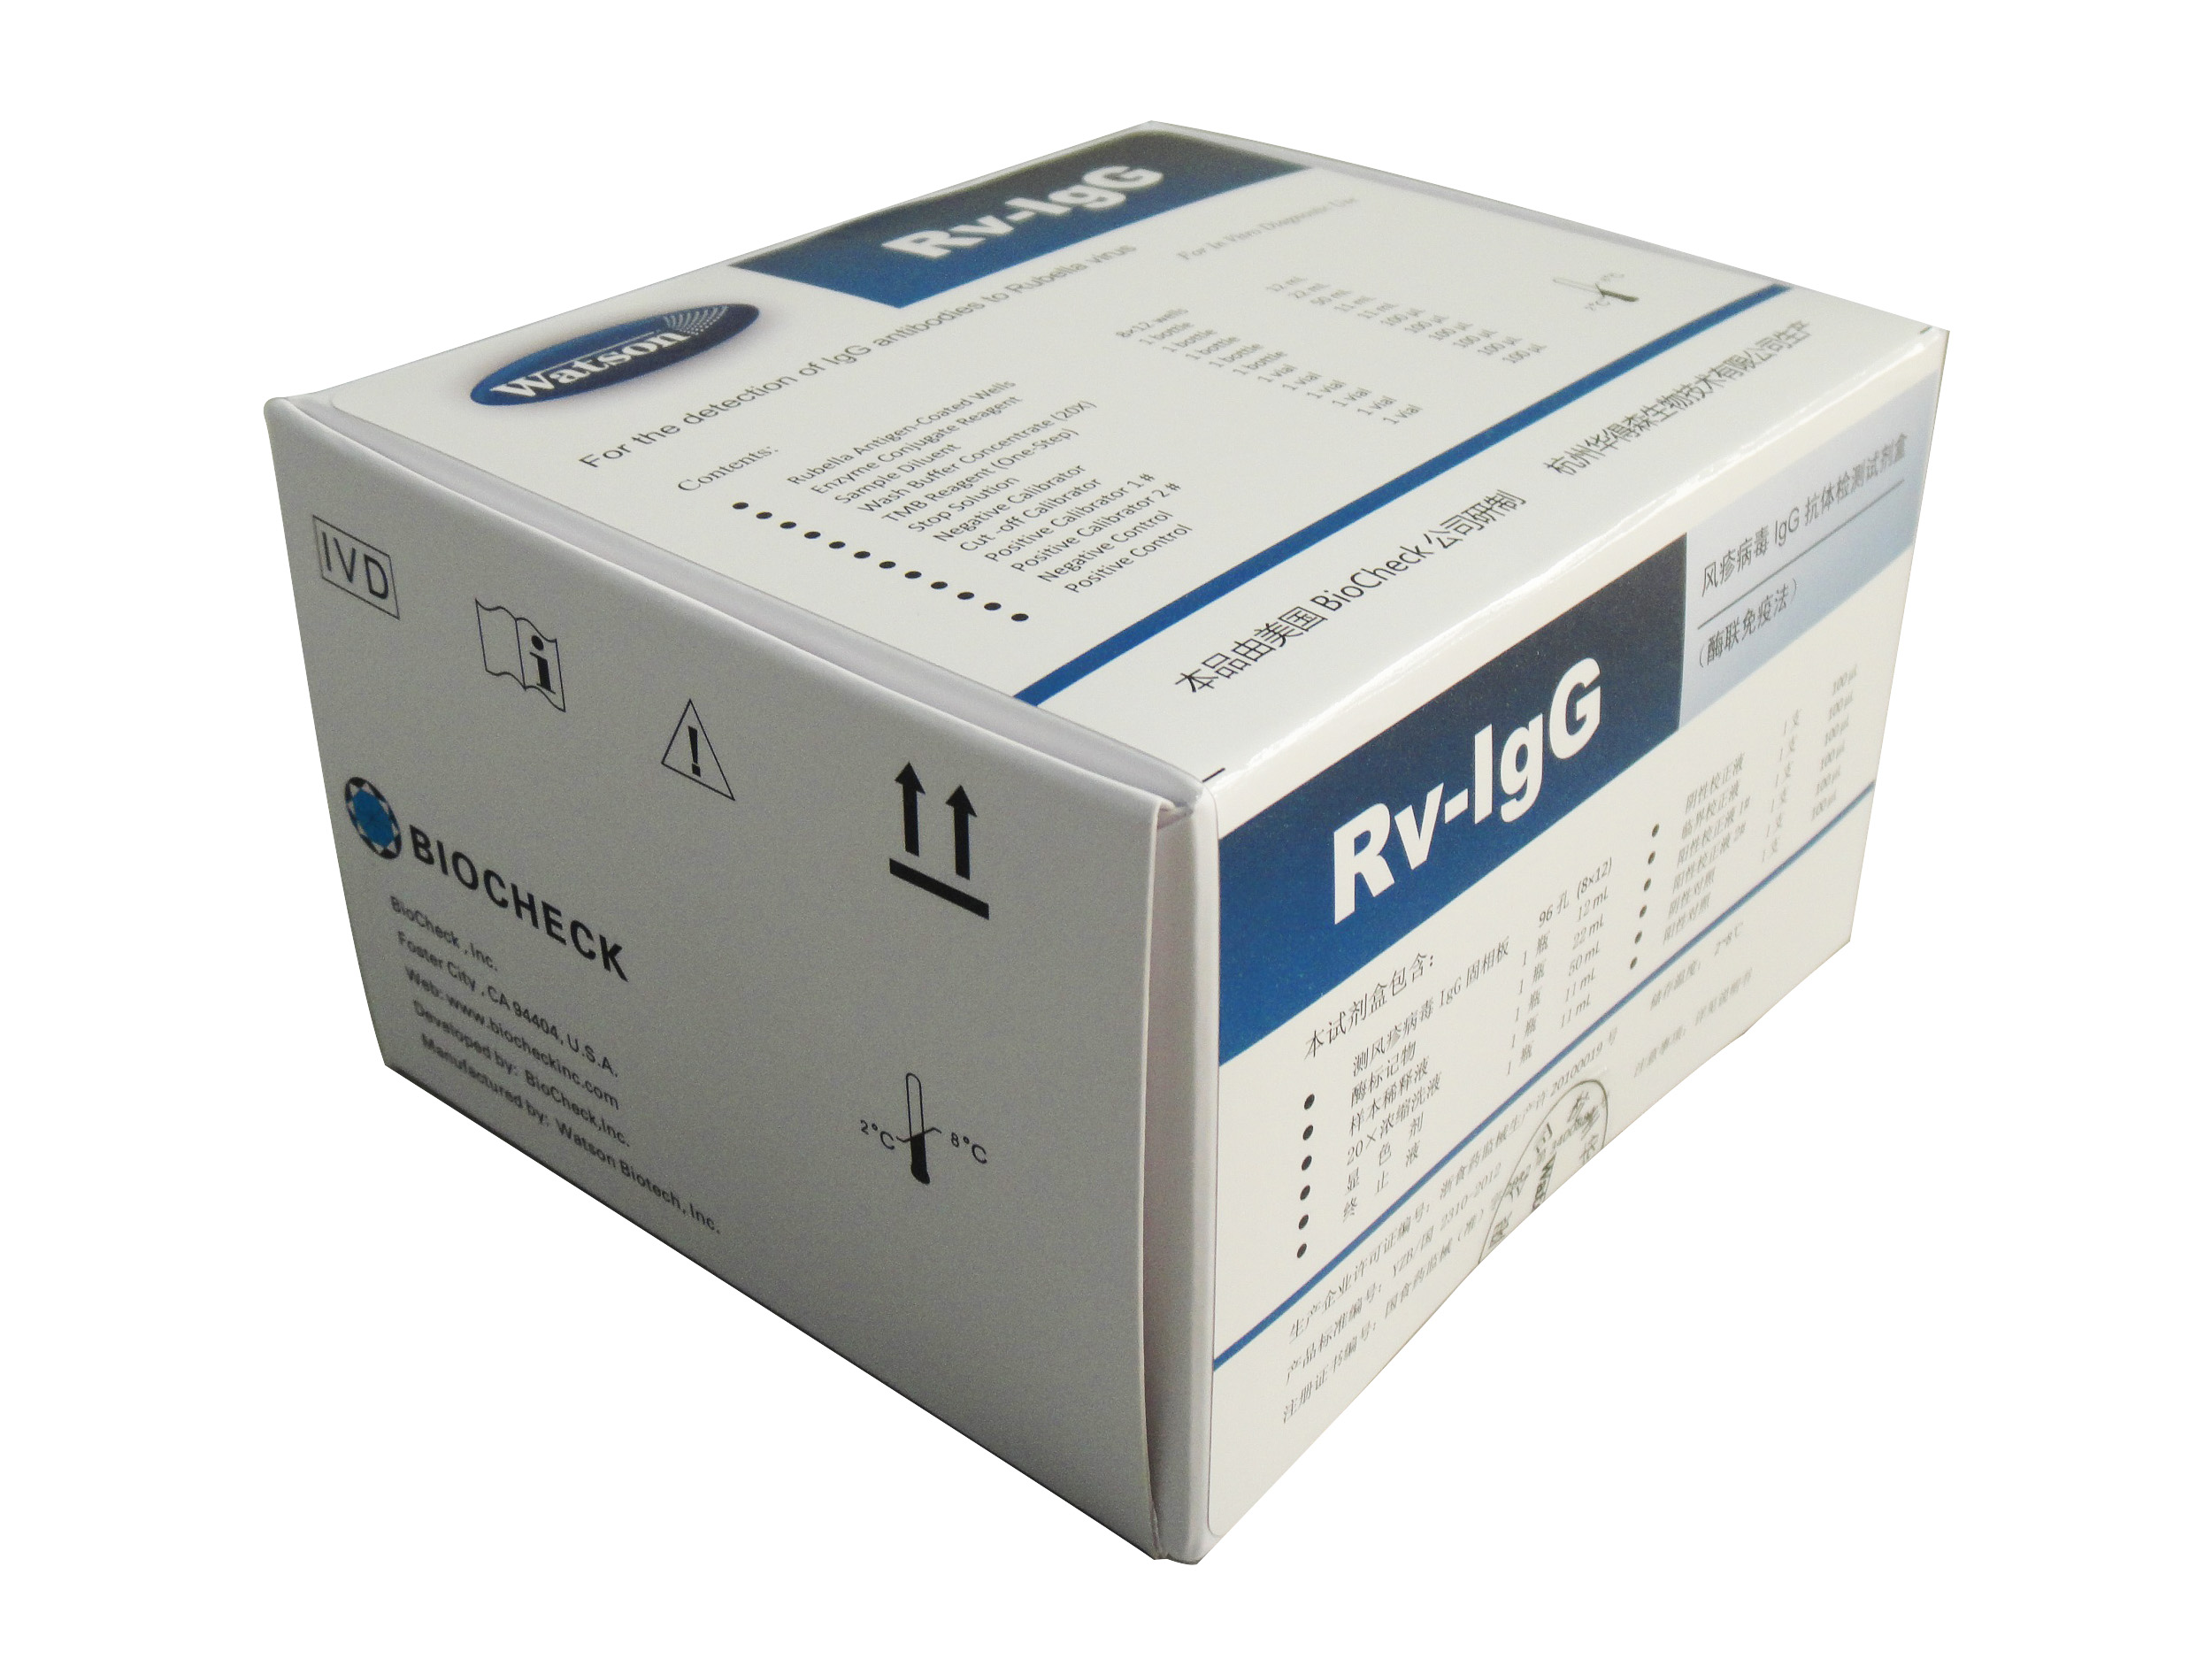 风疹病毒IgG抗体检测试剂盒